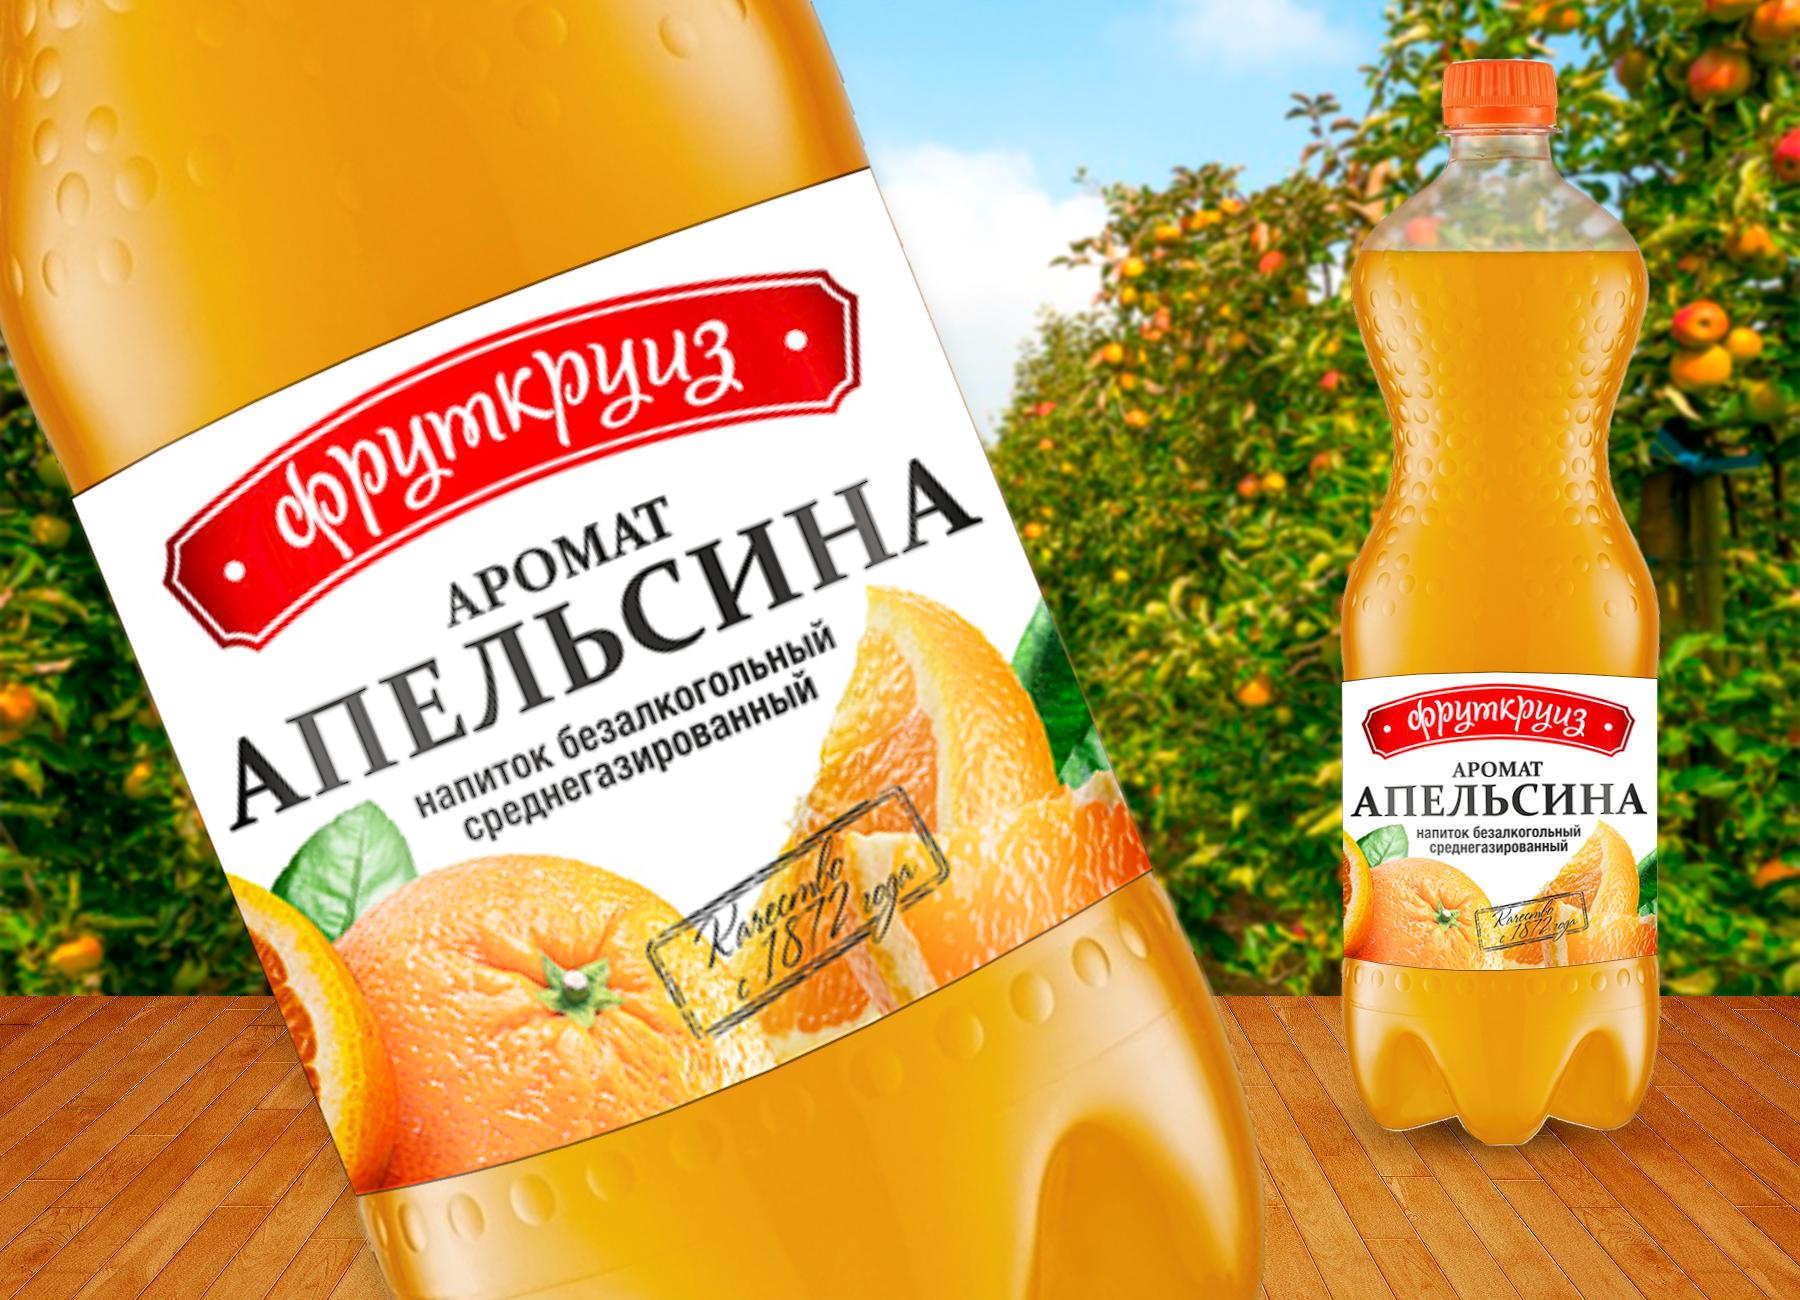 Фруткруиз - товарный знак и этикетка для лимонада